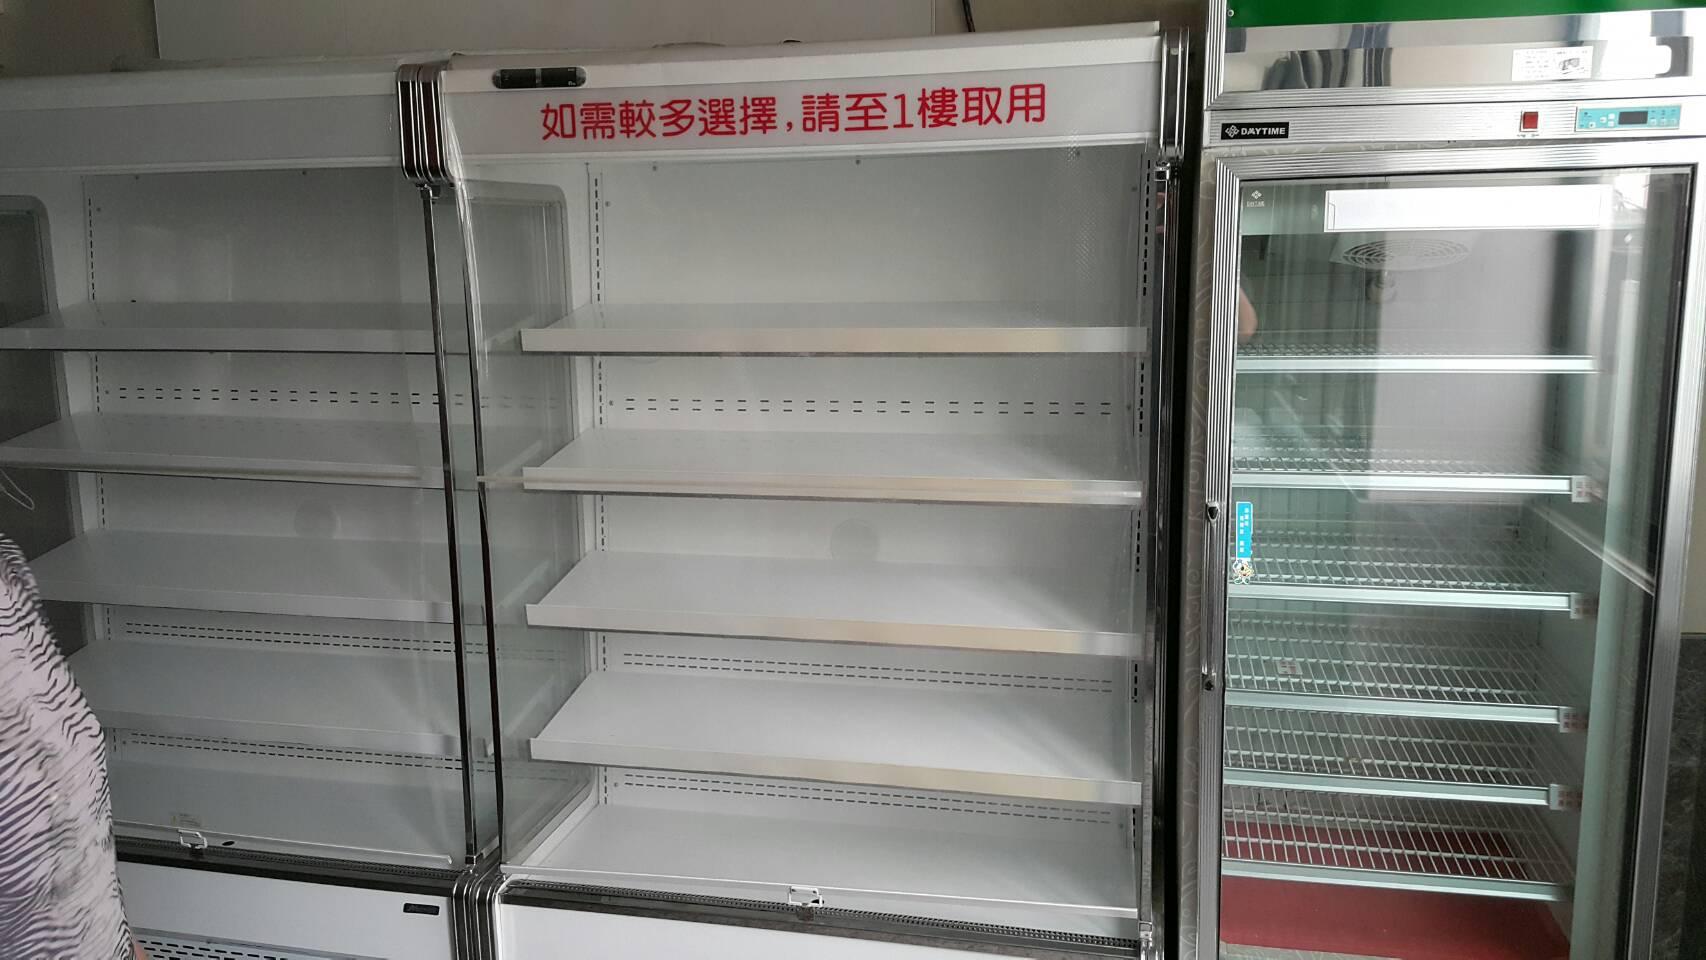 冷藏展示櫃